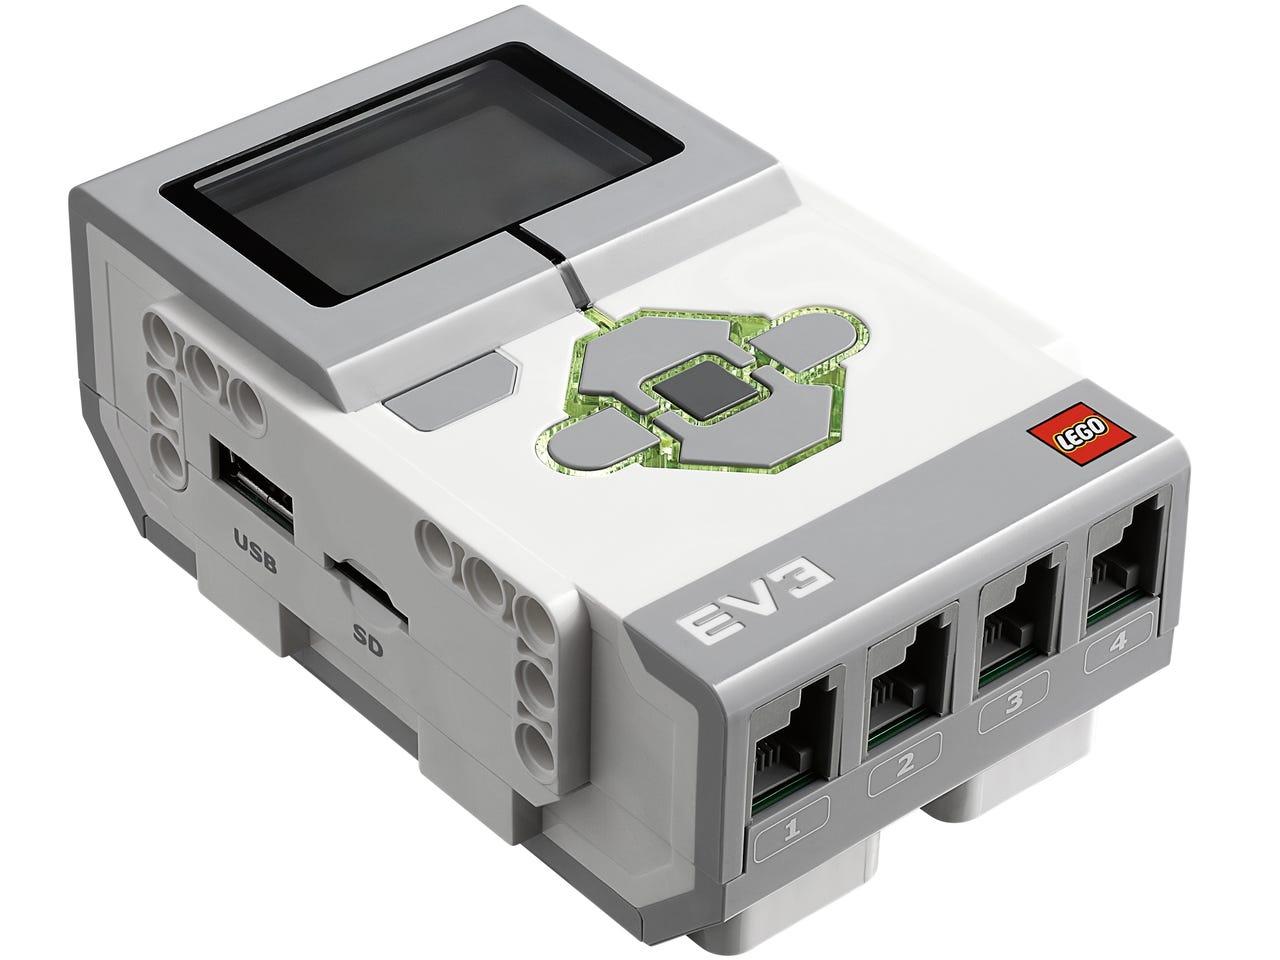 EV3 Intelligent Brick 45500 | MINDSTORMS® | Buy online at the Official LEGO®  Shop US